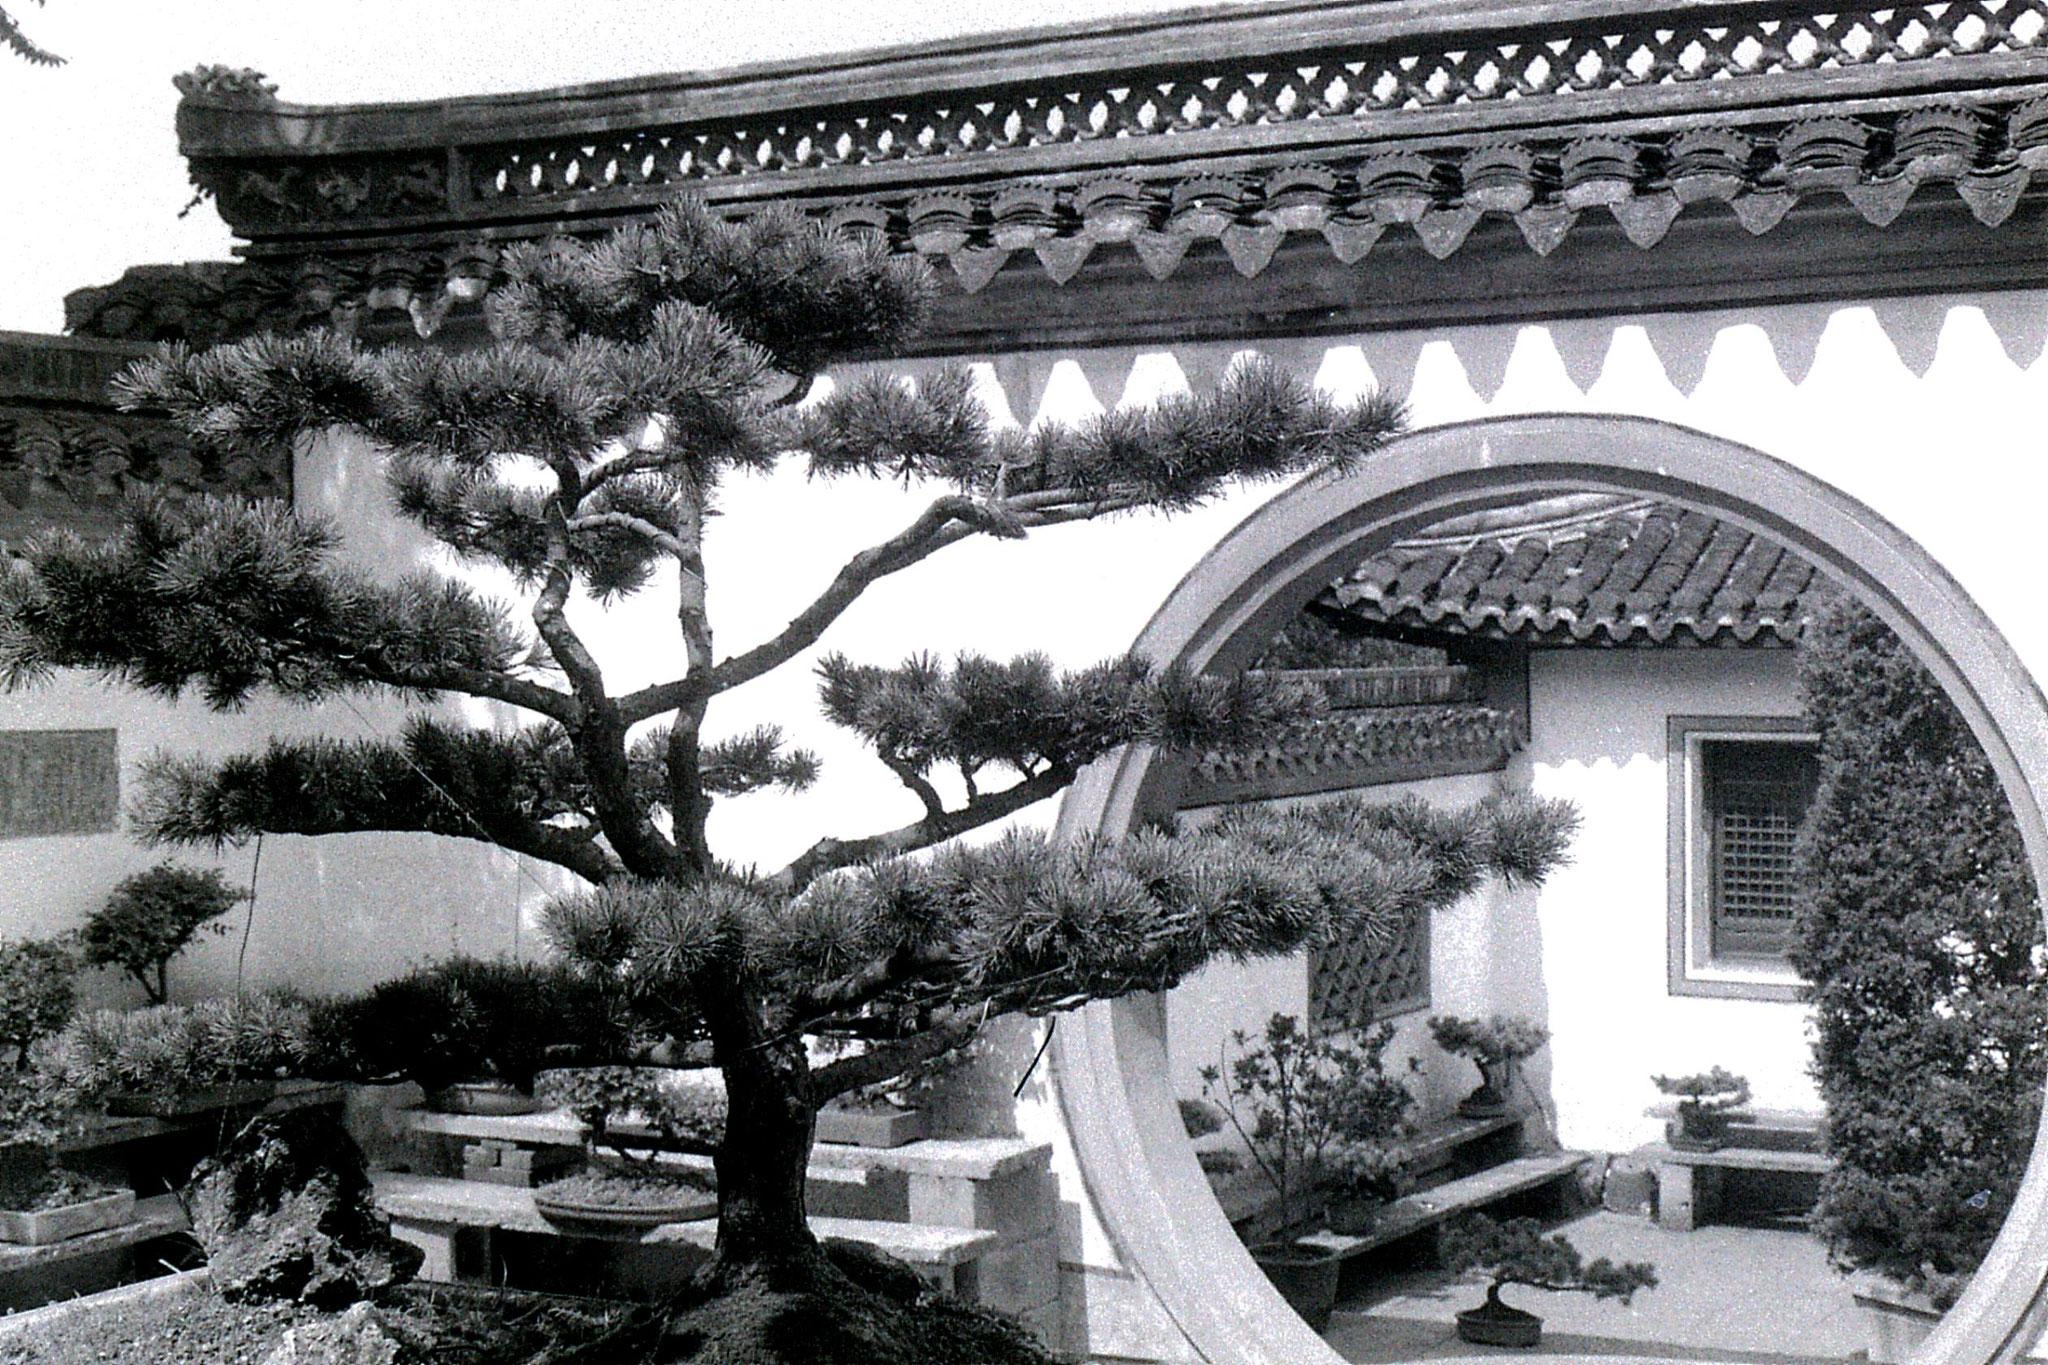 27/6/1989: 24: Shaoxing, bonsai